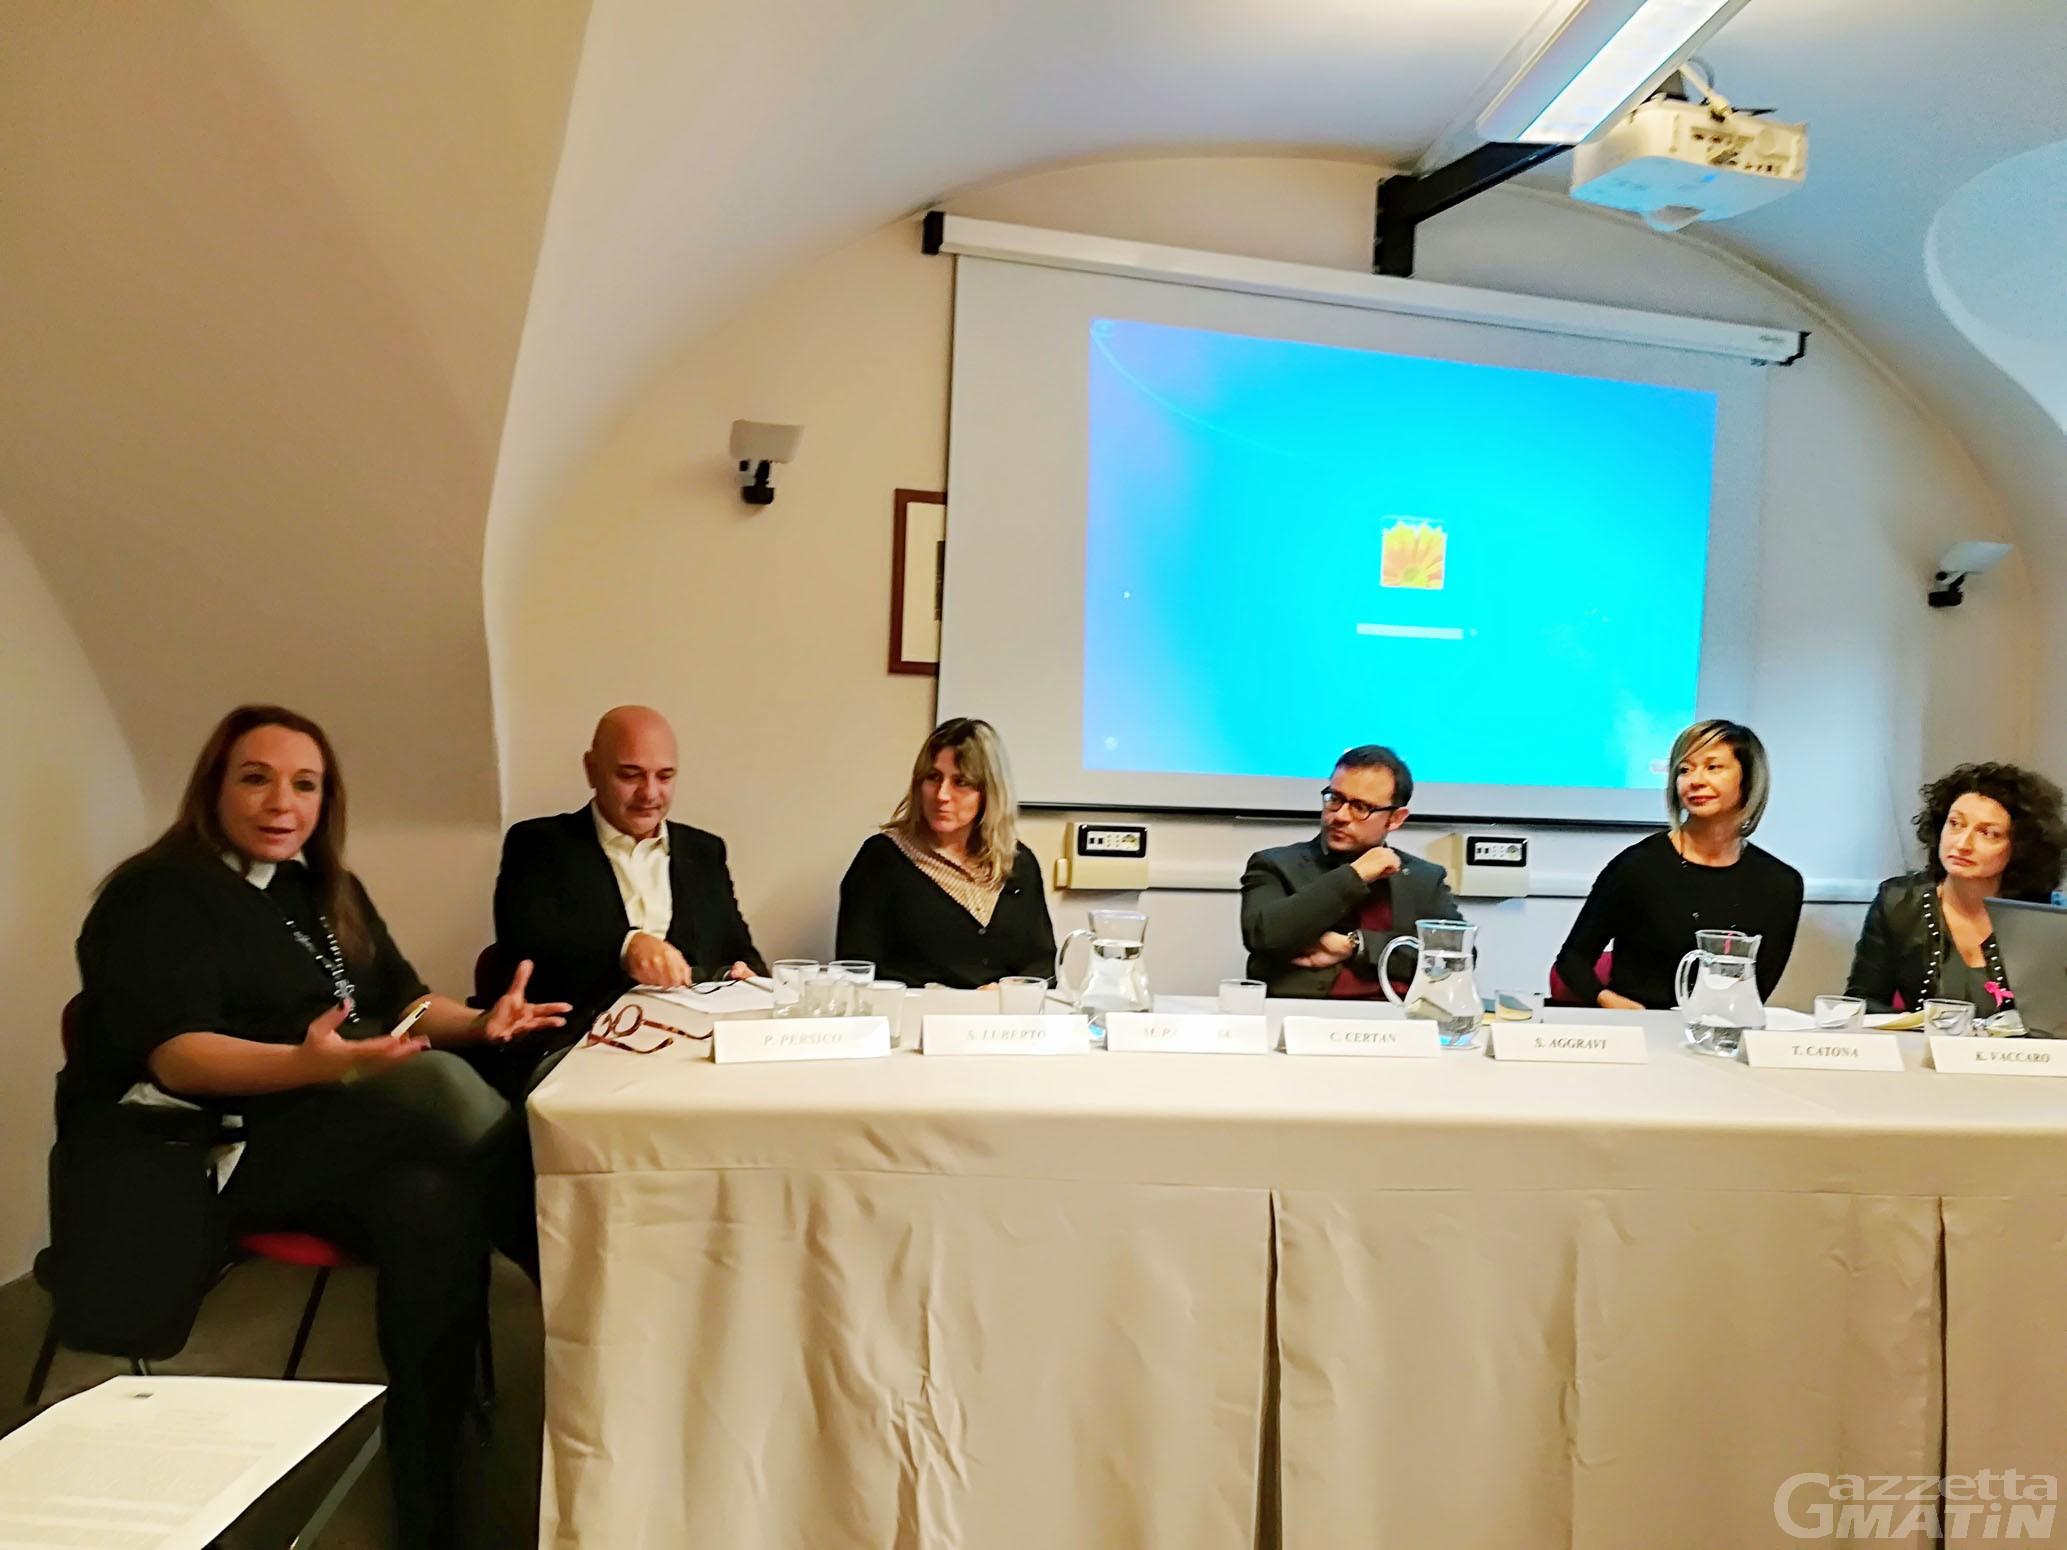 Tumori: nuovo corso di estetica in ambito oncologico al Parini di Aosta